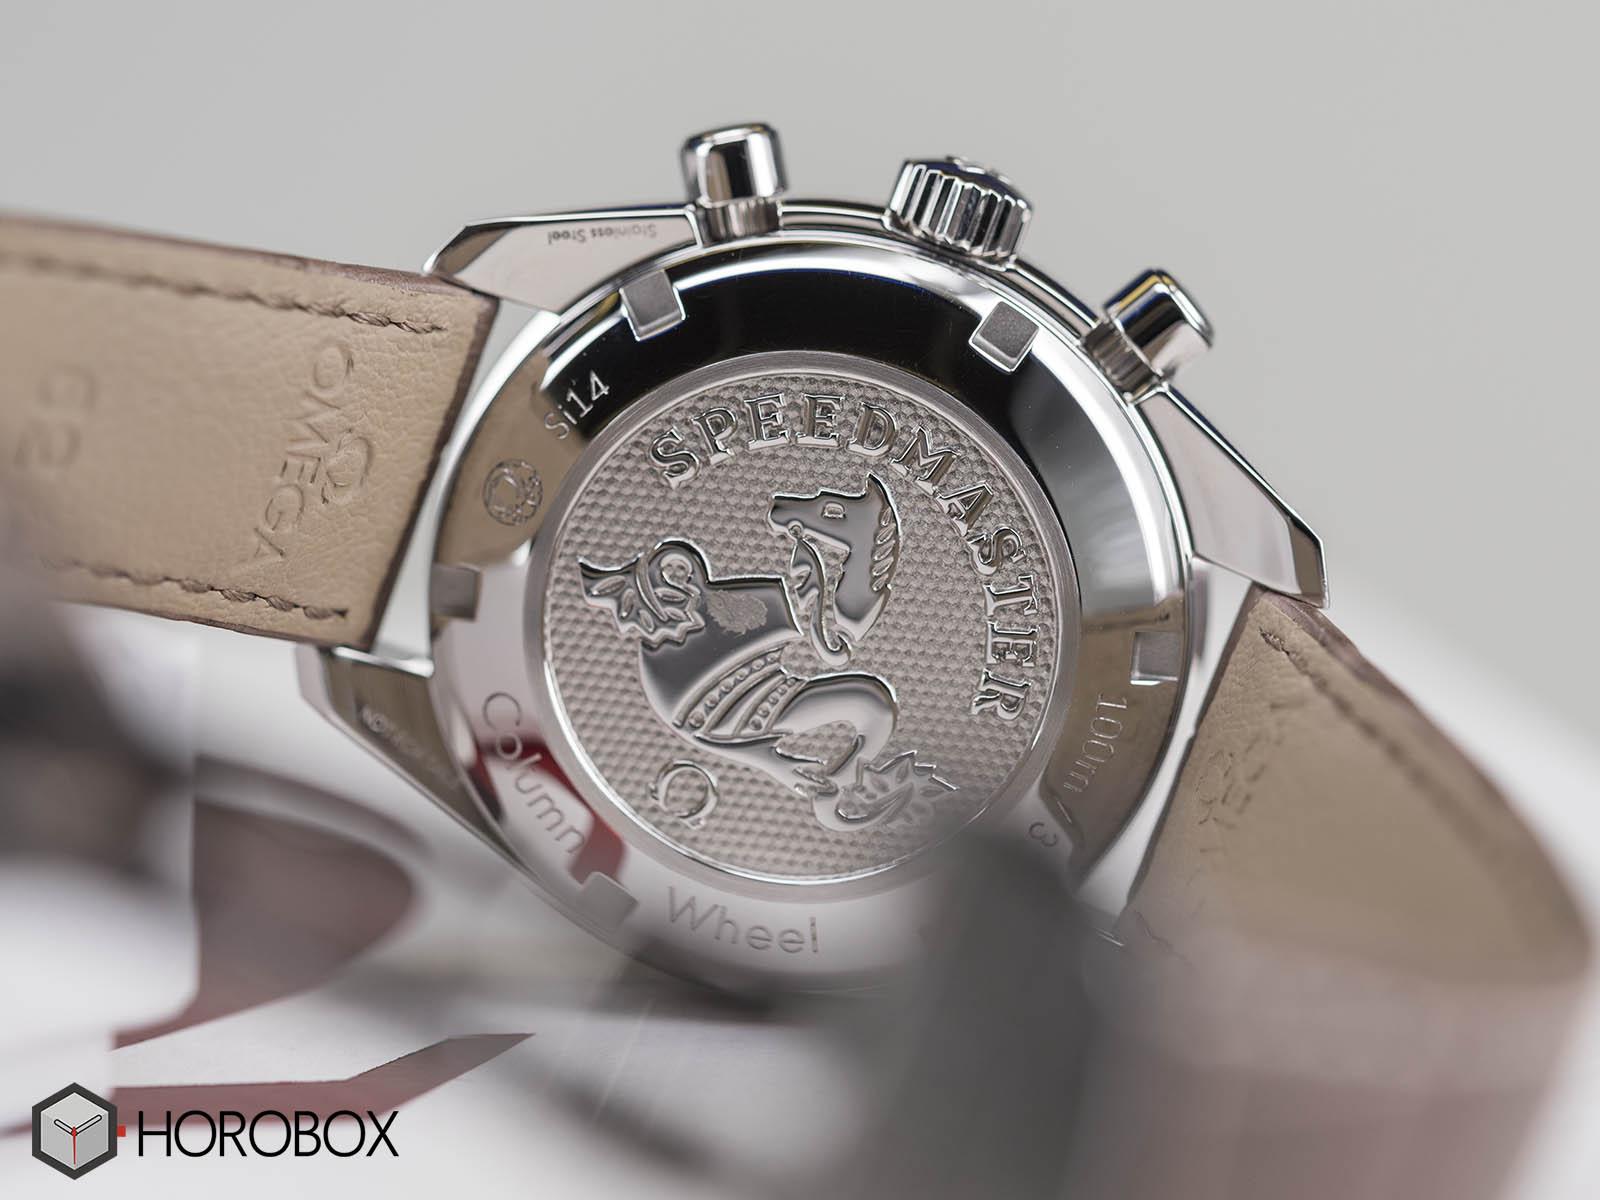 324-38-38-50-02-001-omega-speedmaster-38-chronograph-9.jpg